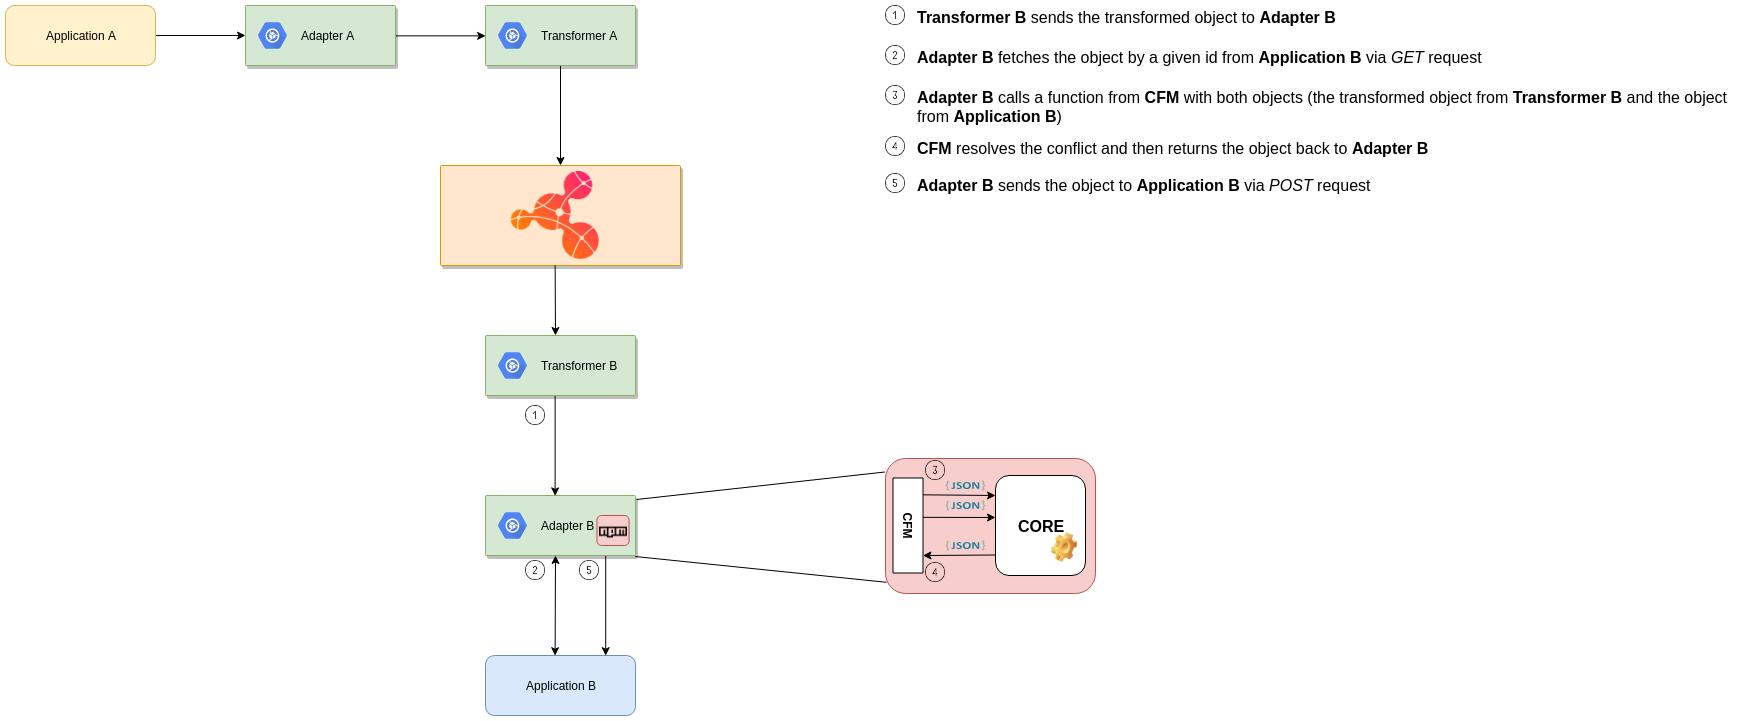 OIH-CFM workflow